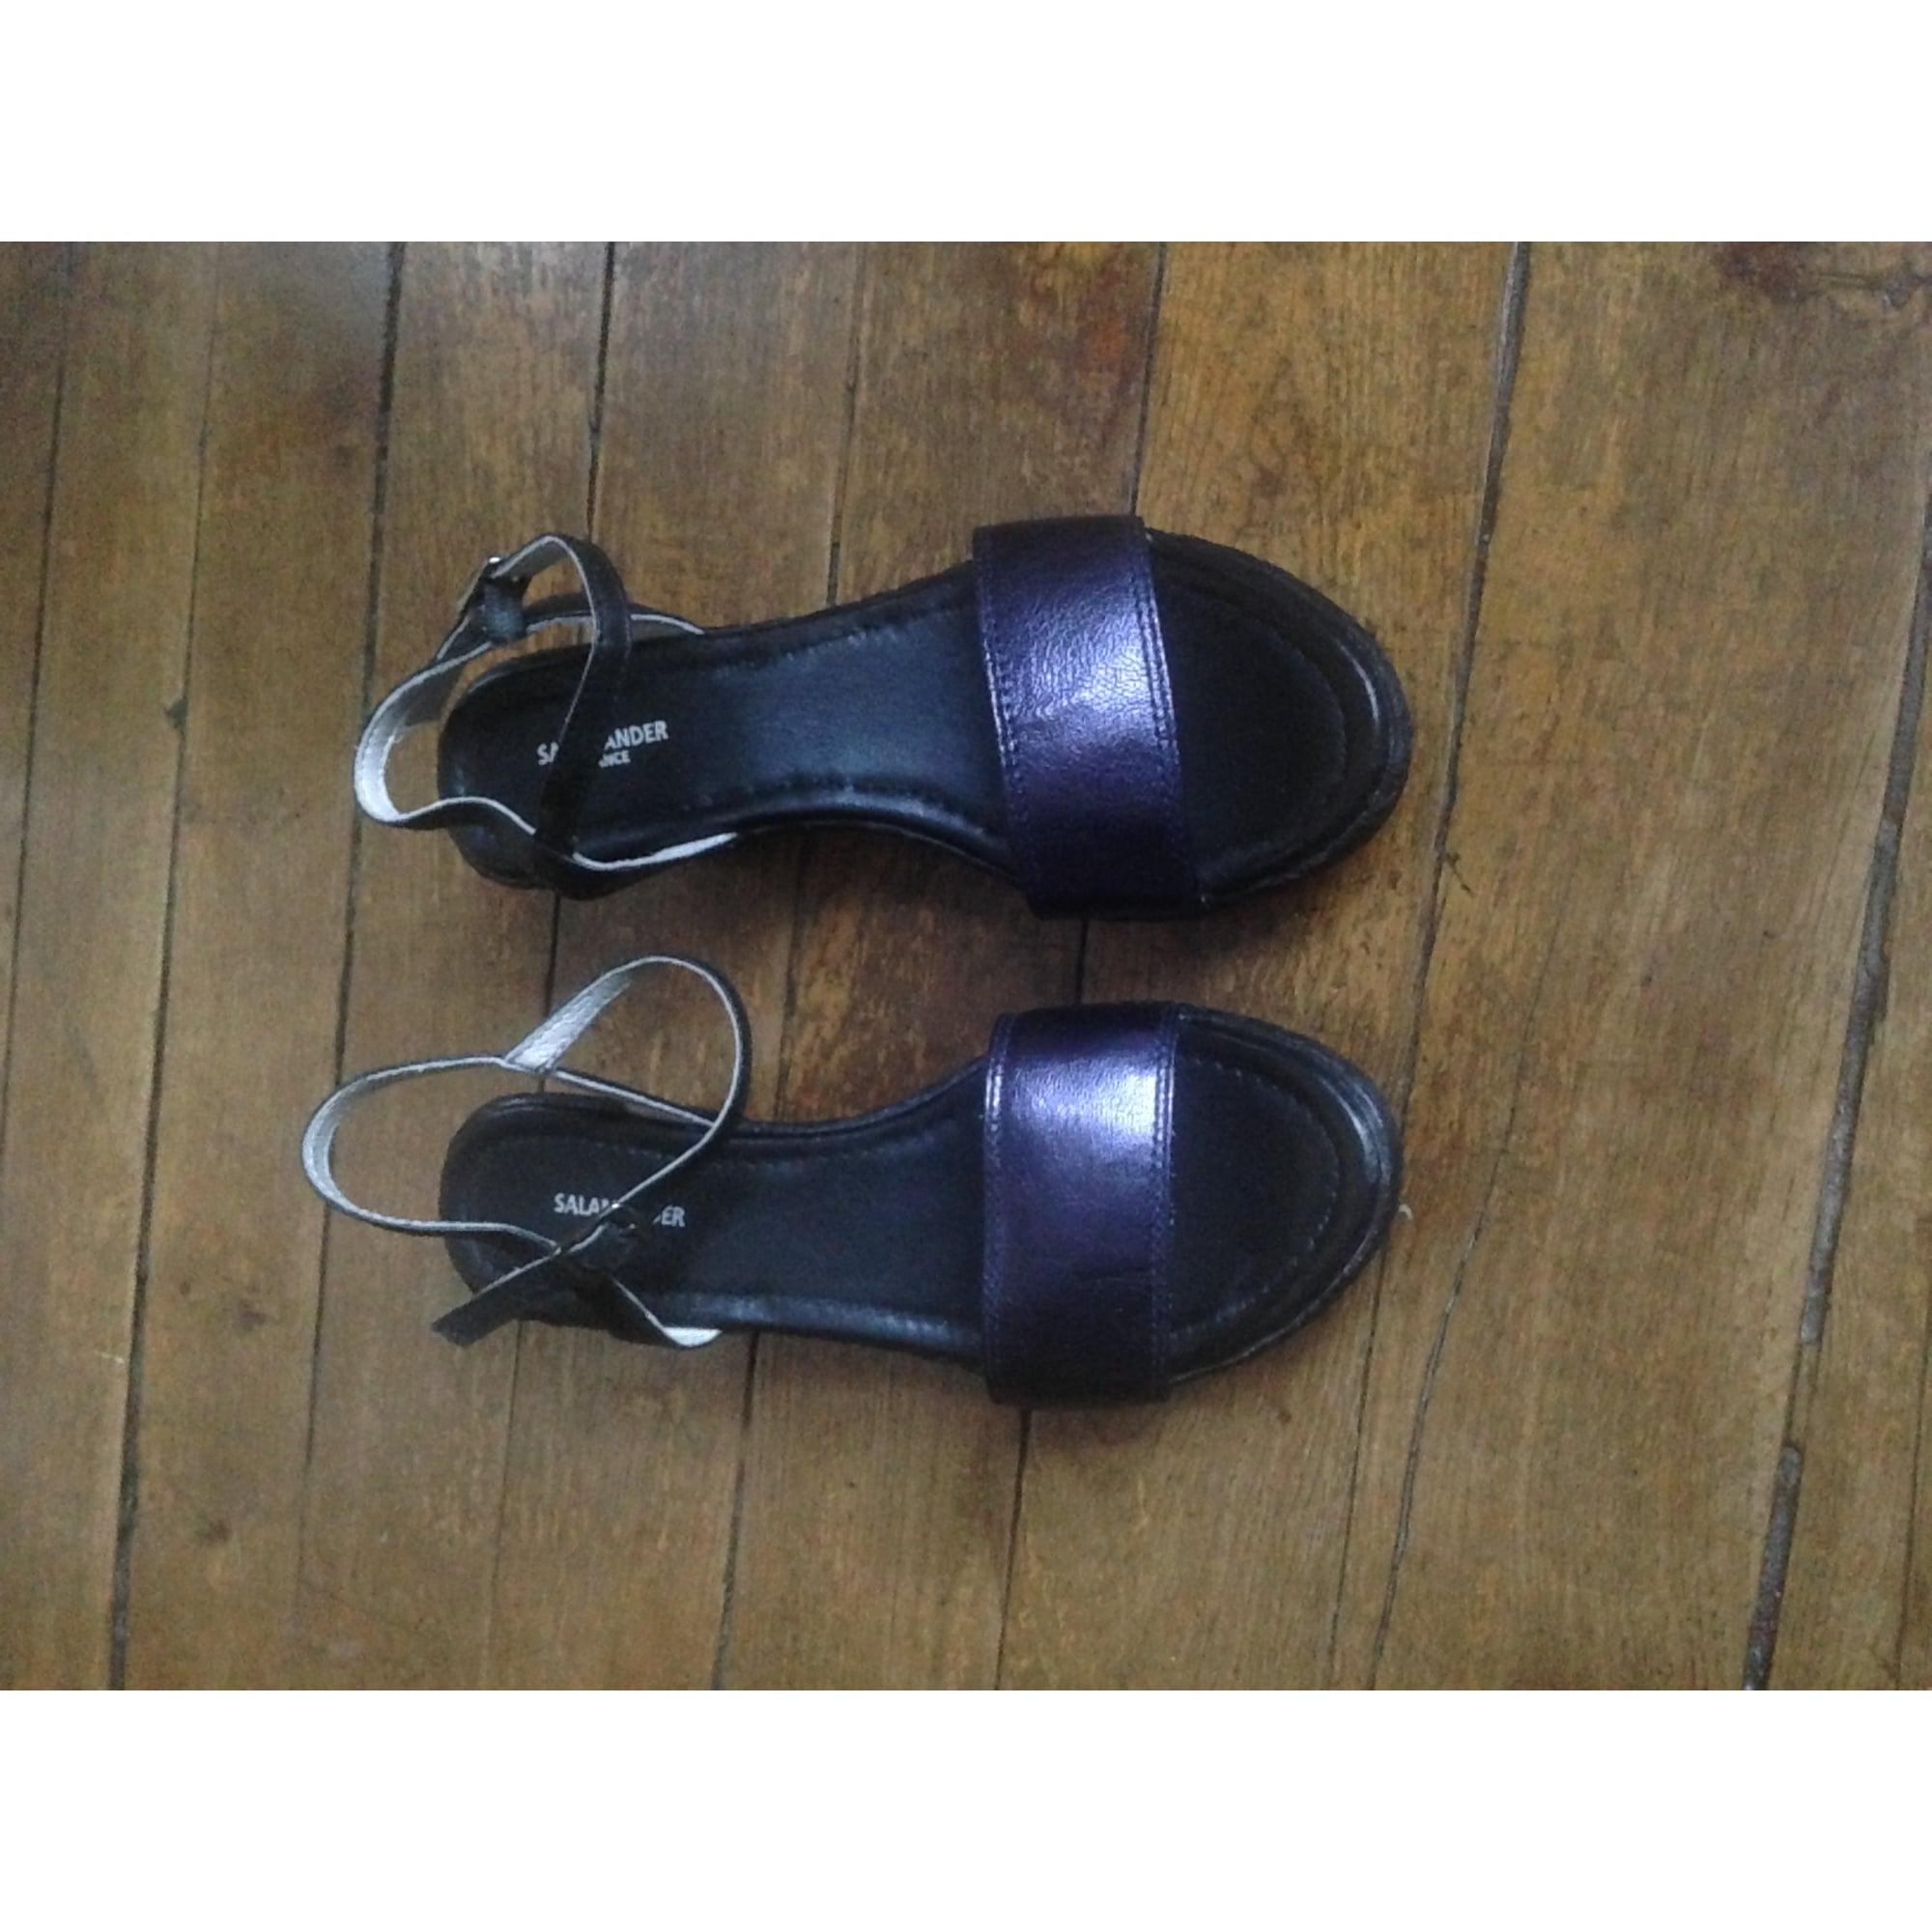 Salamander Vendu Sandales 38 Noir Compensées Par Dora Dressing 6483303 qpzjMLVUSG